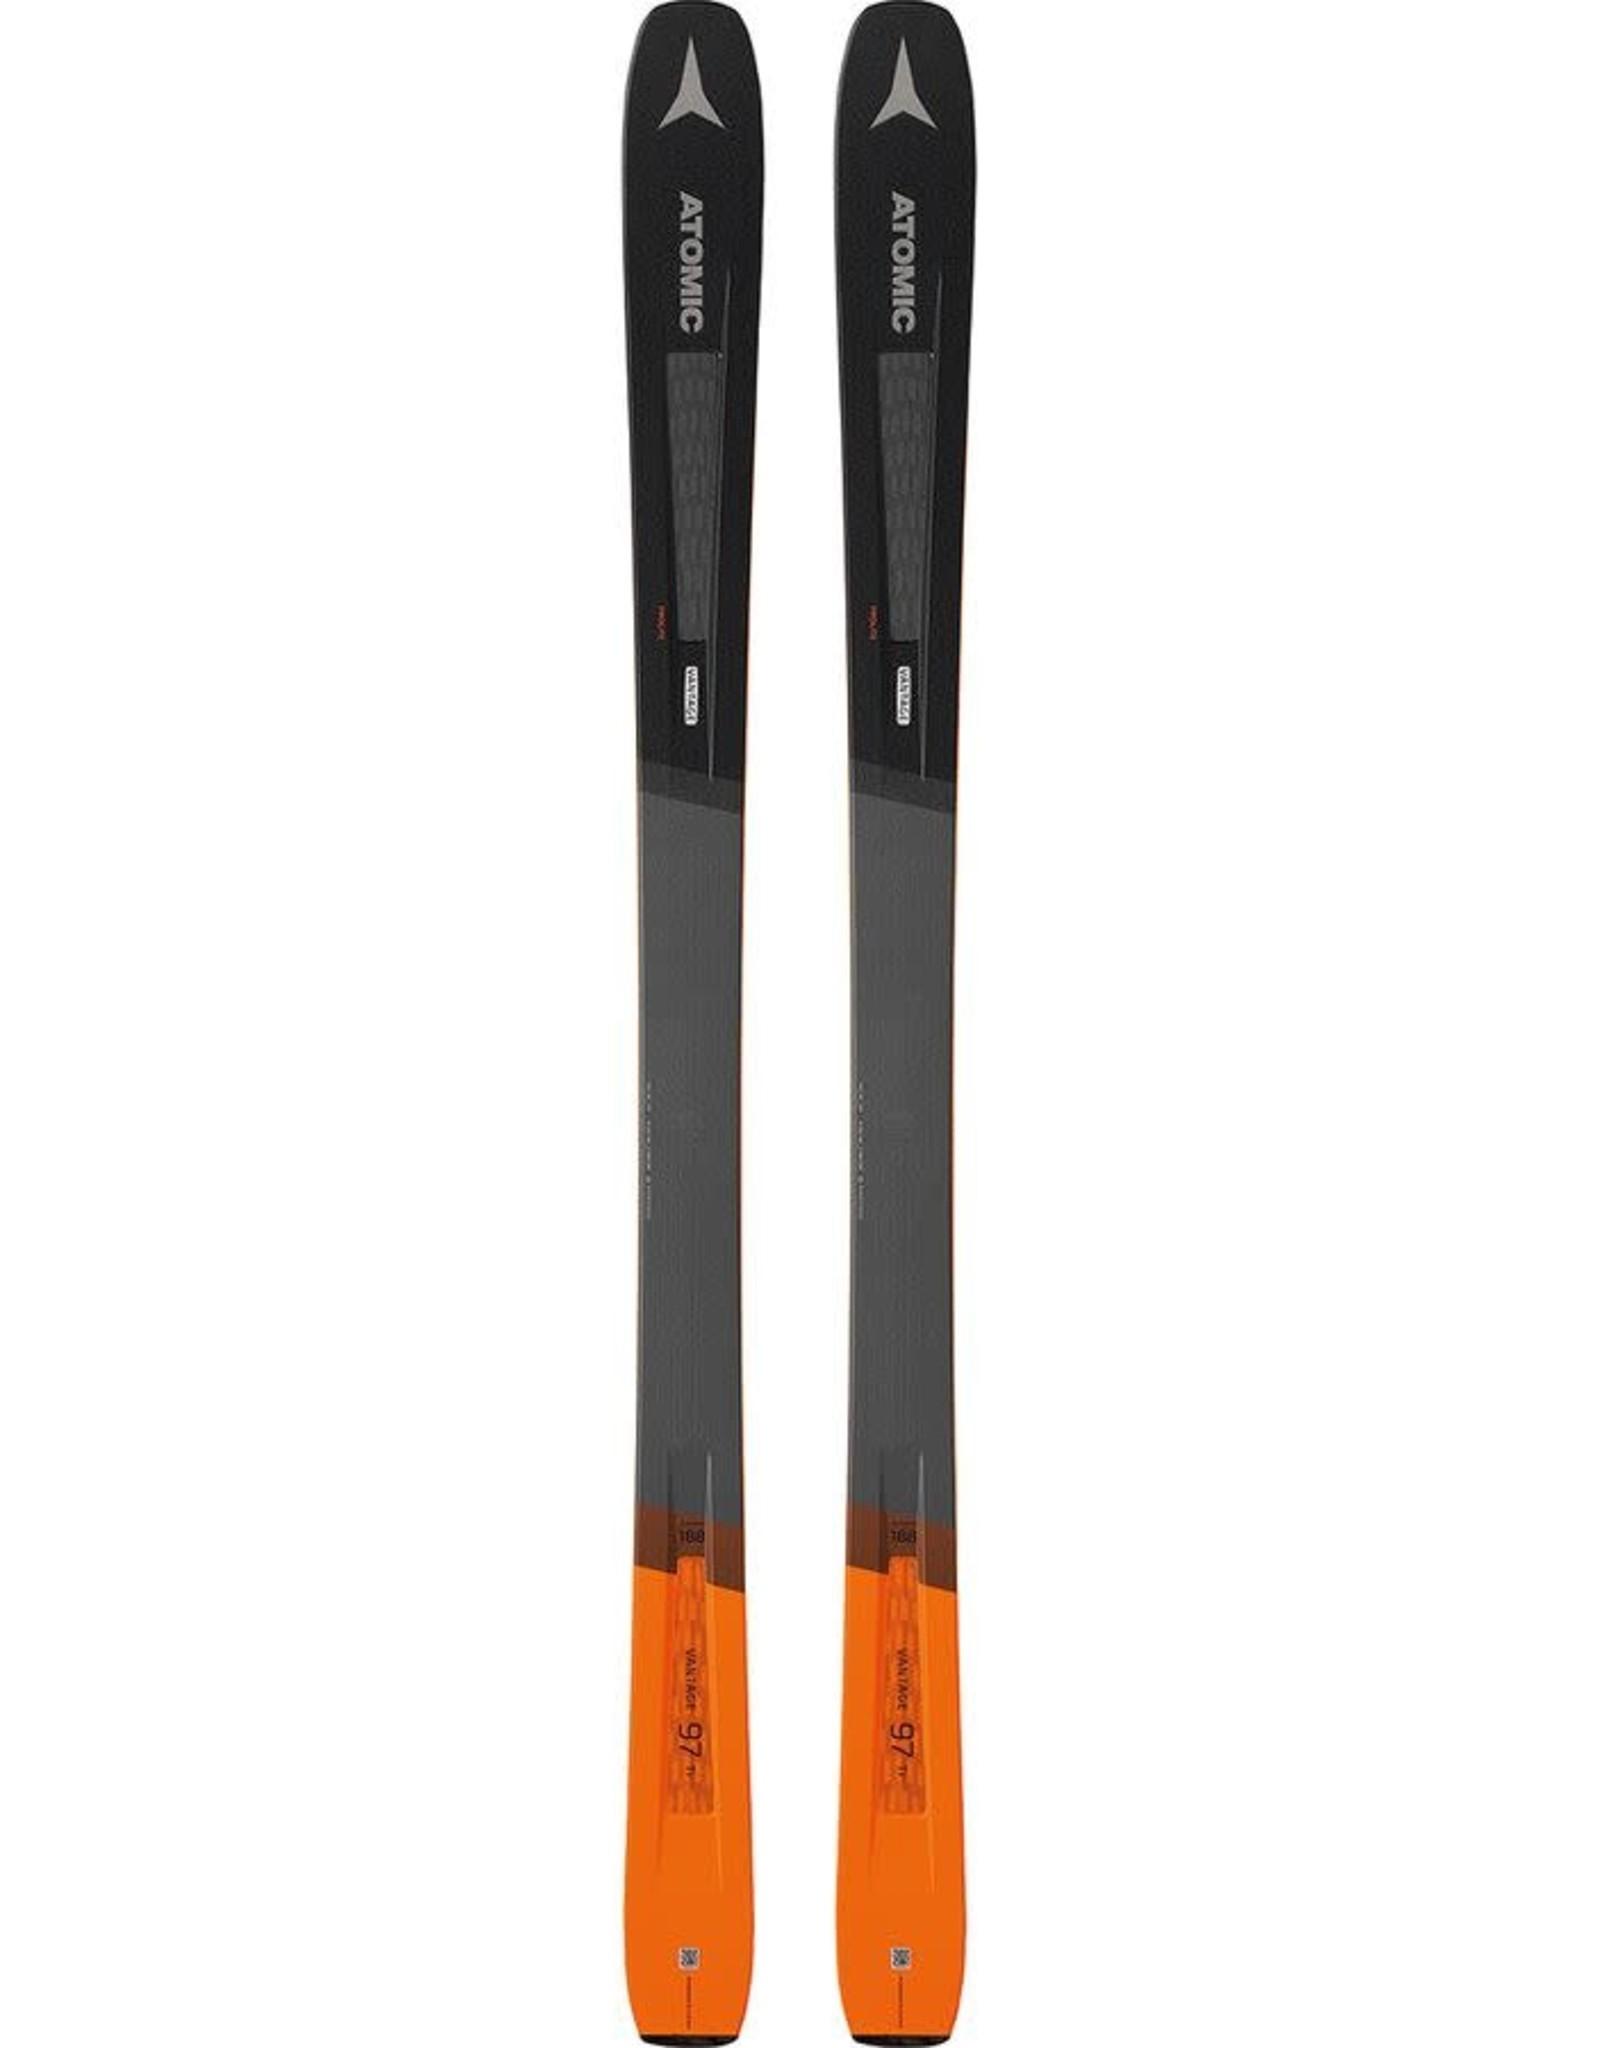 ATOMIC ATOMIC Skis VANTAGE 97 Ti (19/20)